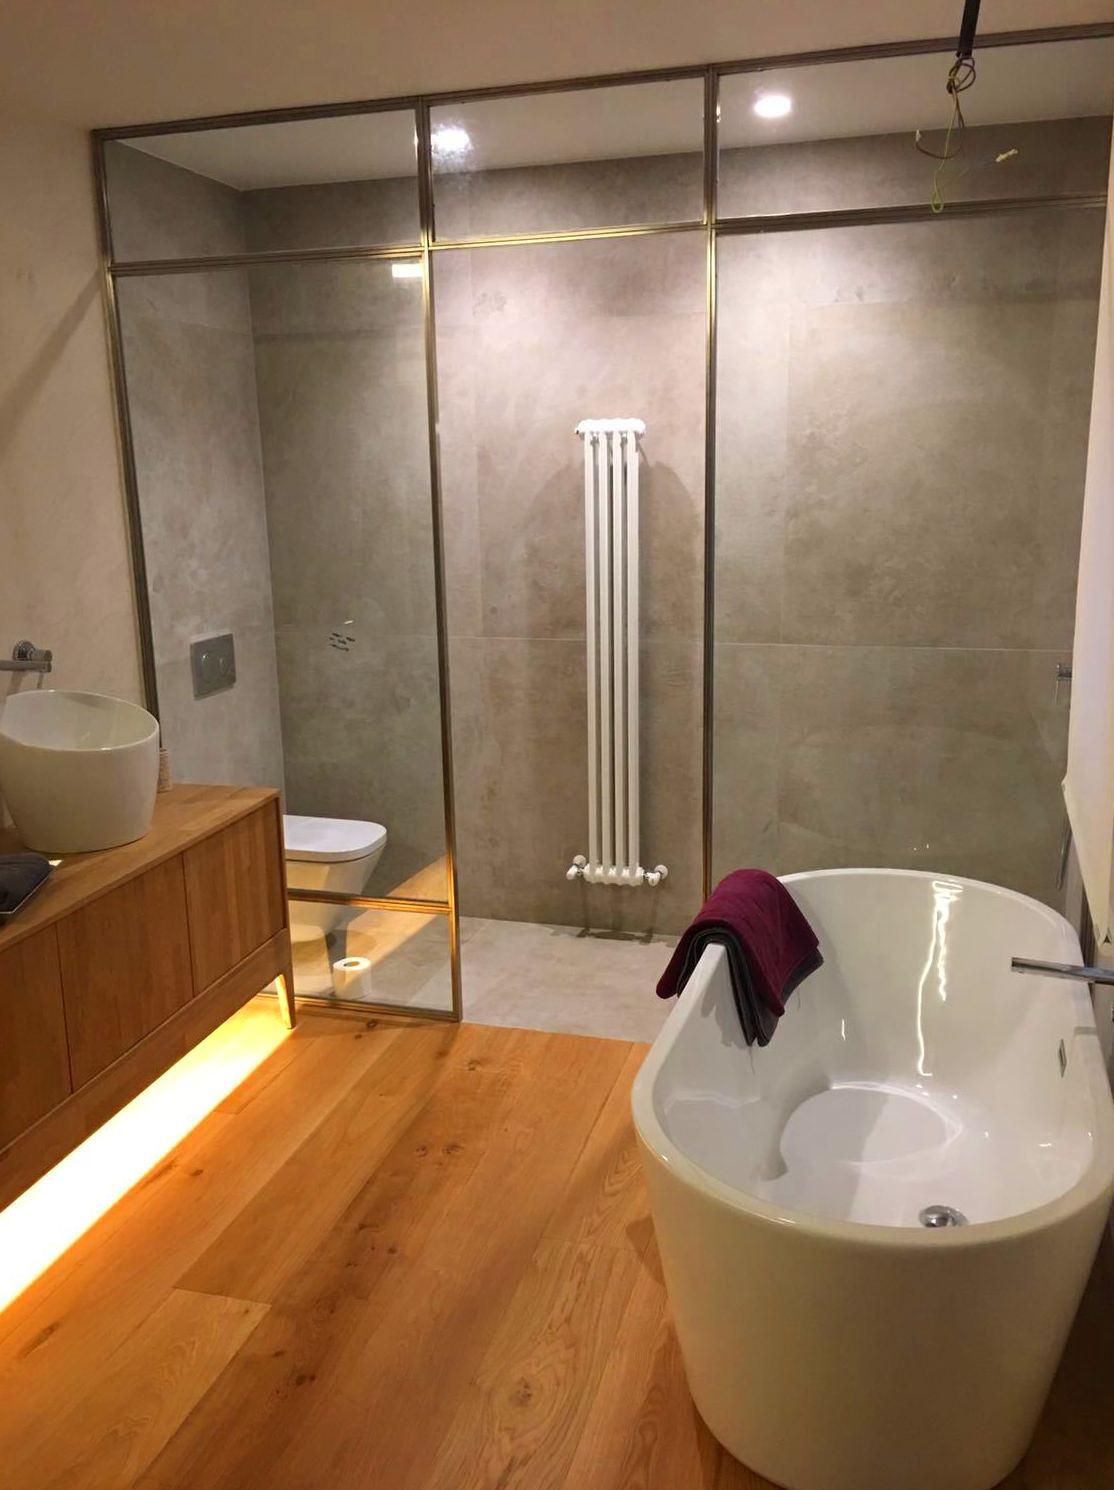 Mampara de acero inoxidable para baño en piso las Arenas